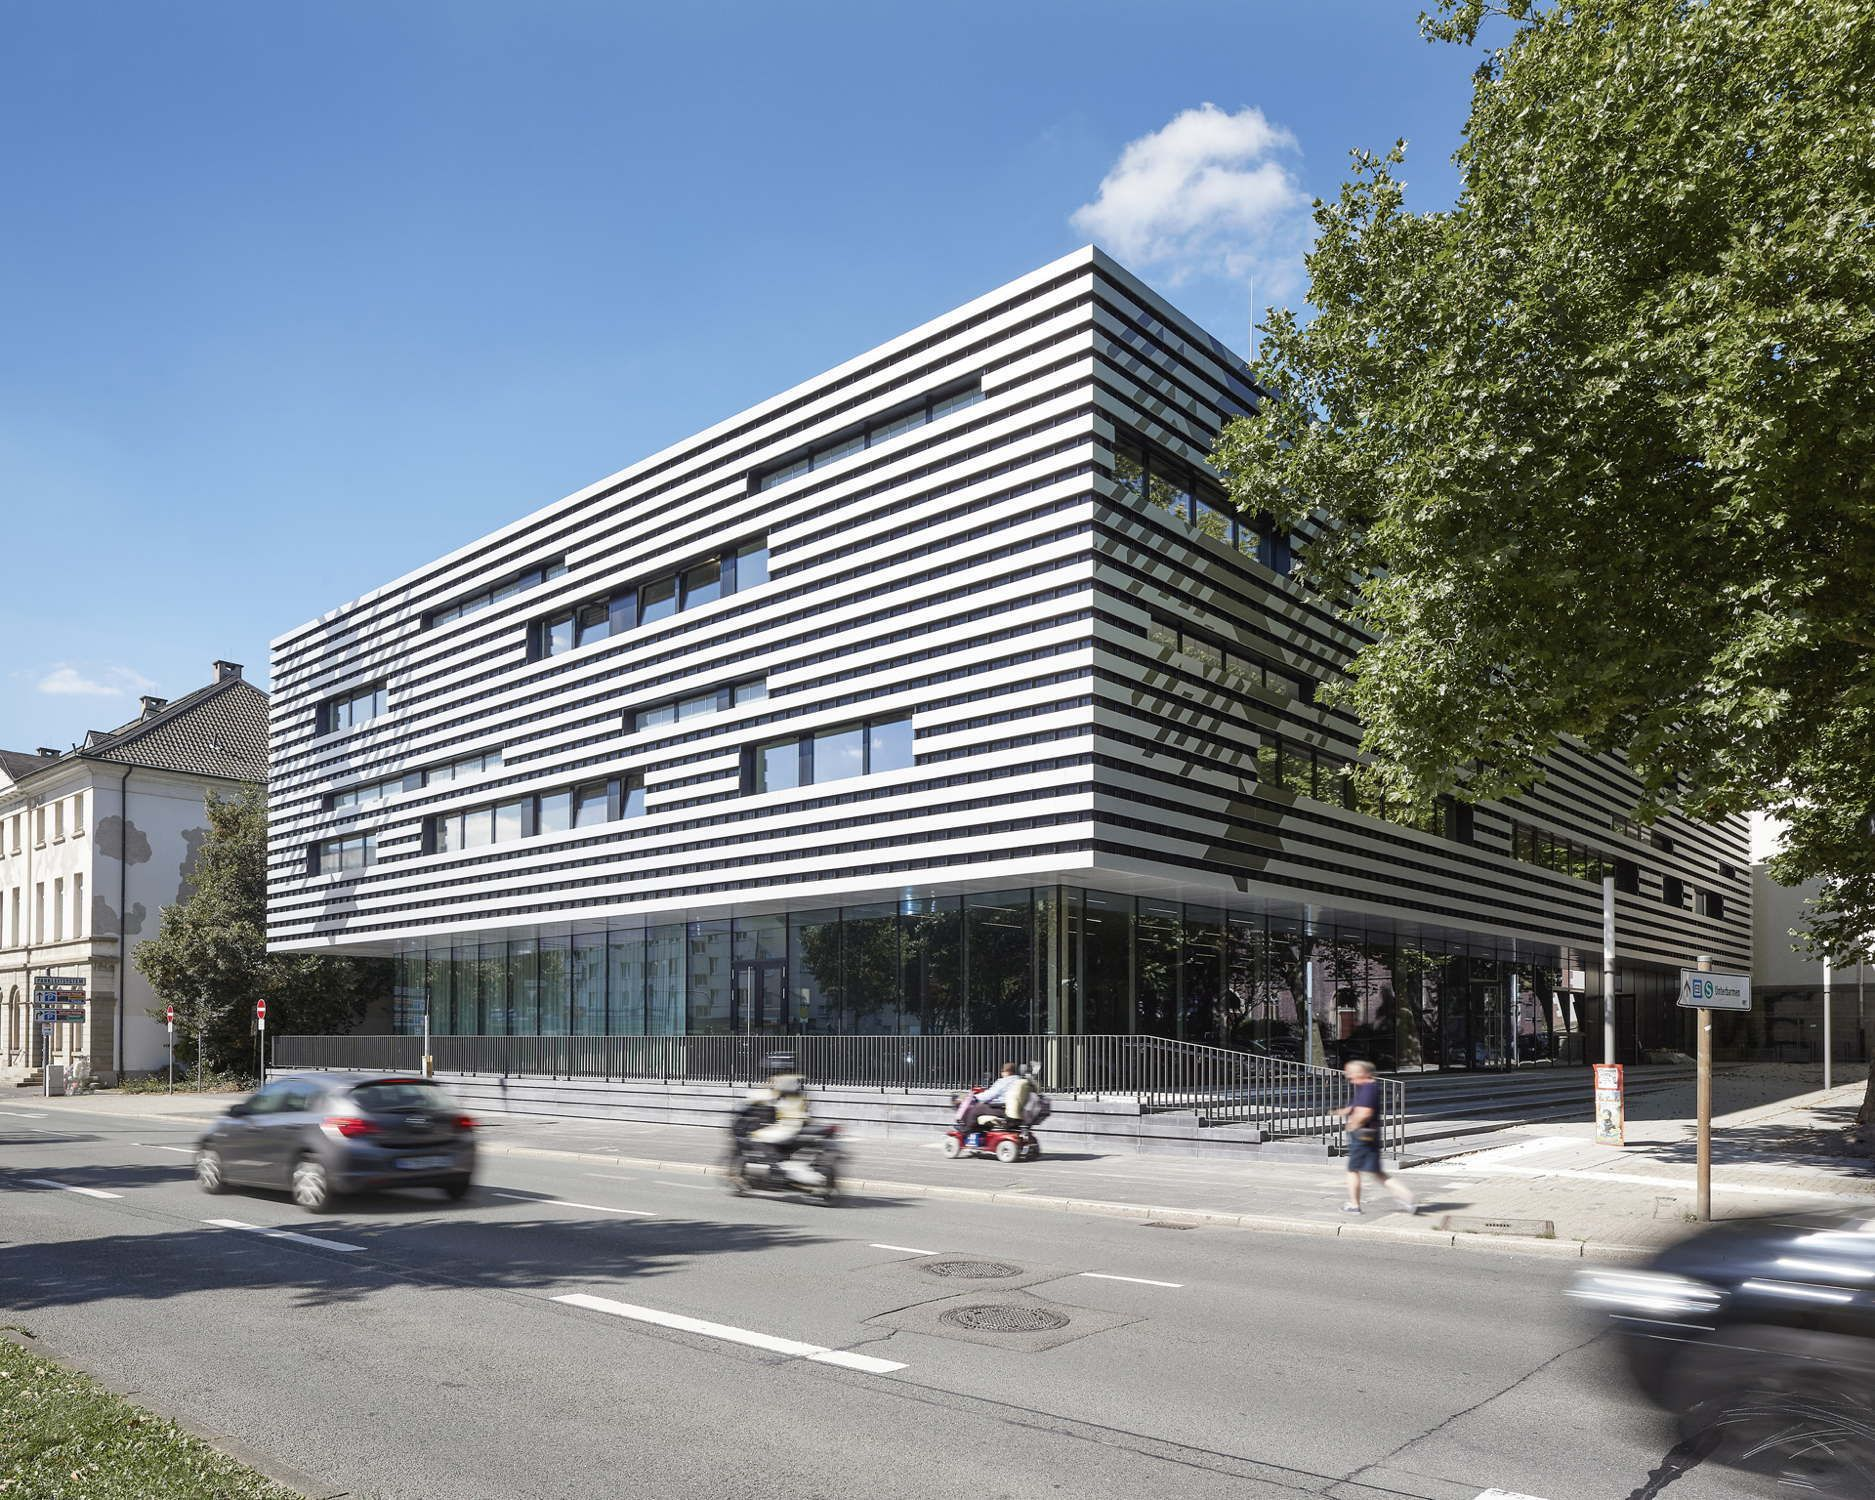 Architekten Wuppertal räume für architekten fakultätsneubau in wuppertal